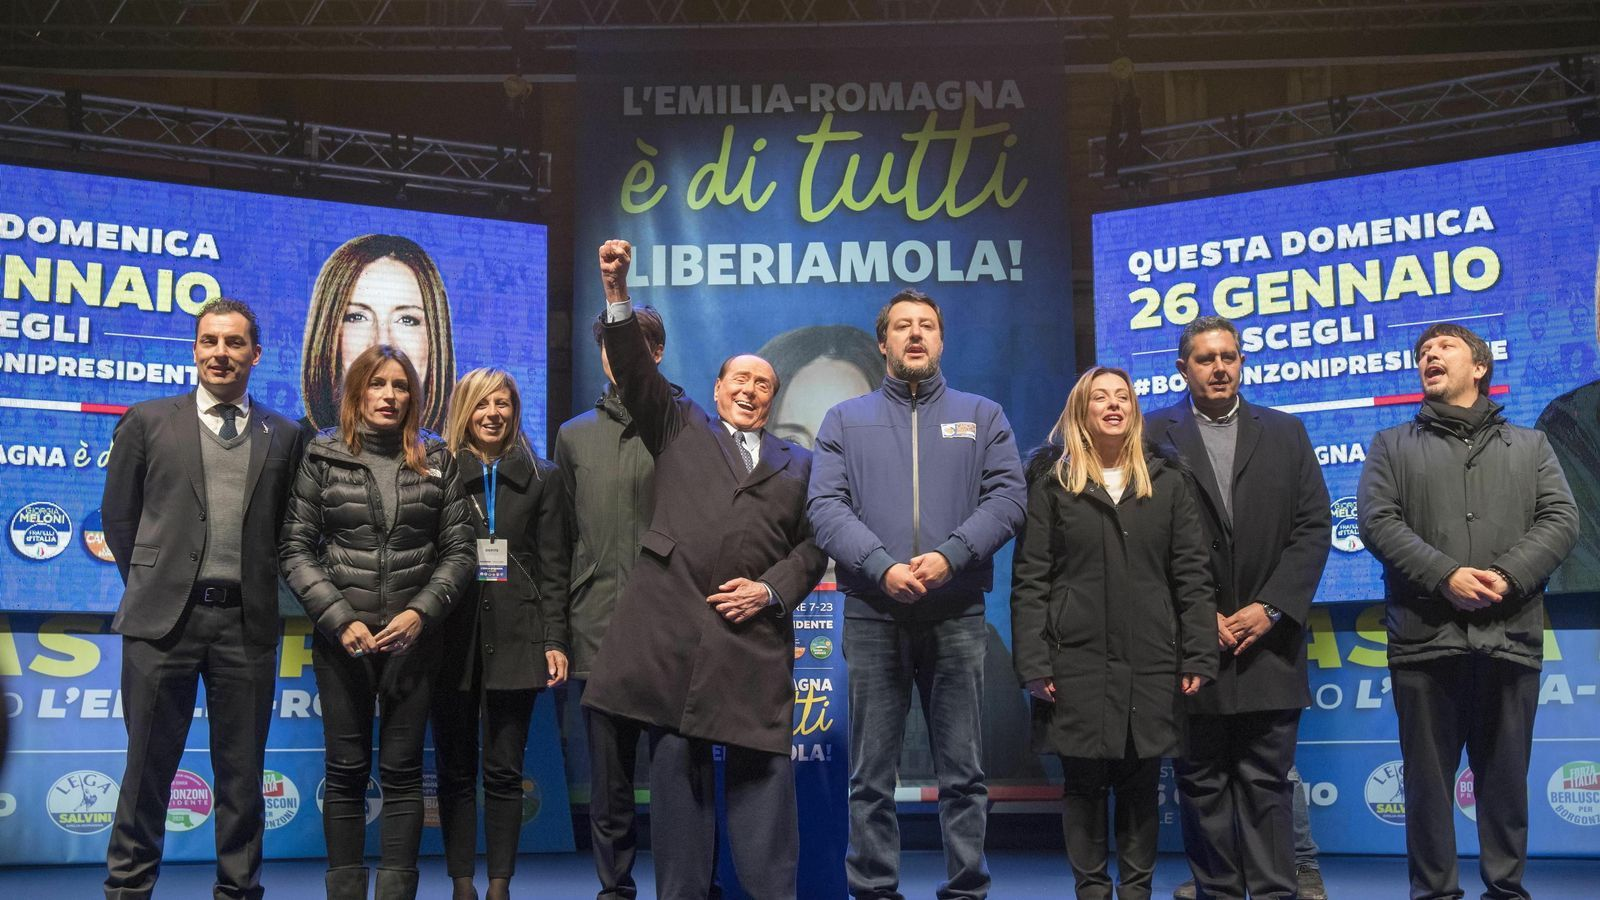 El líder de la Lliga, Matteo Salvini, i eld e Forza Italia, Silvio Berlusconni, en un acte del centre-dreta amb  motiu de les eleccions a Emilia-Romanya.